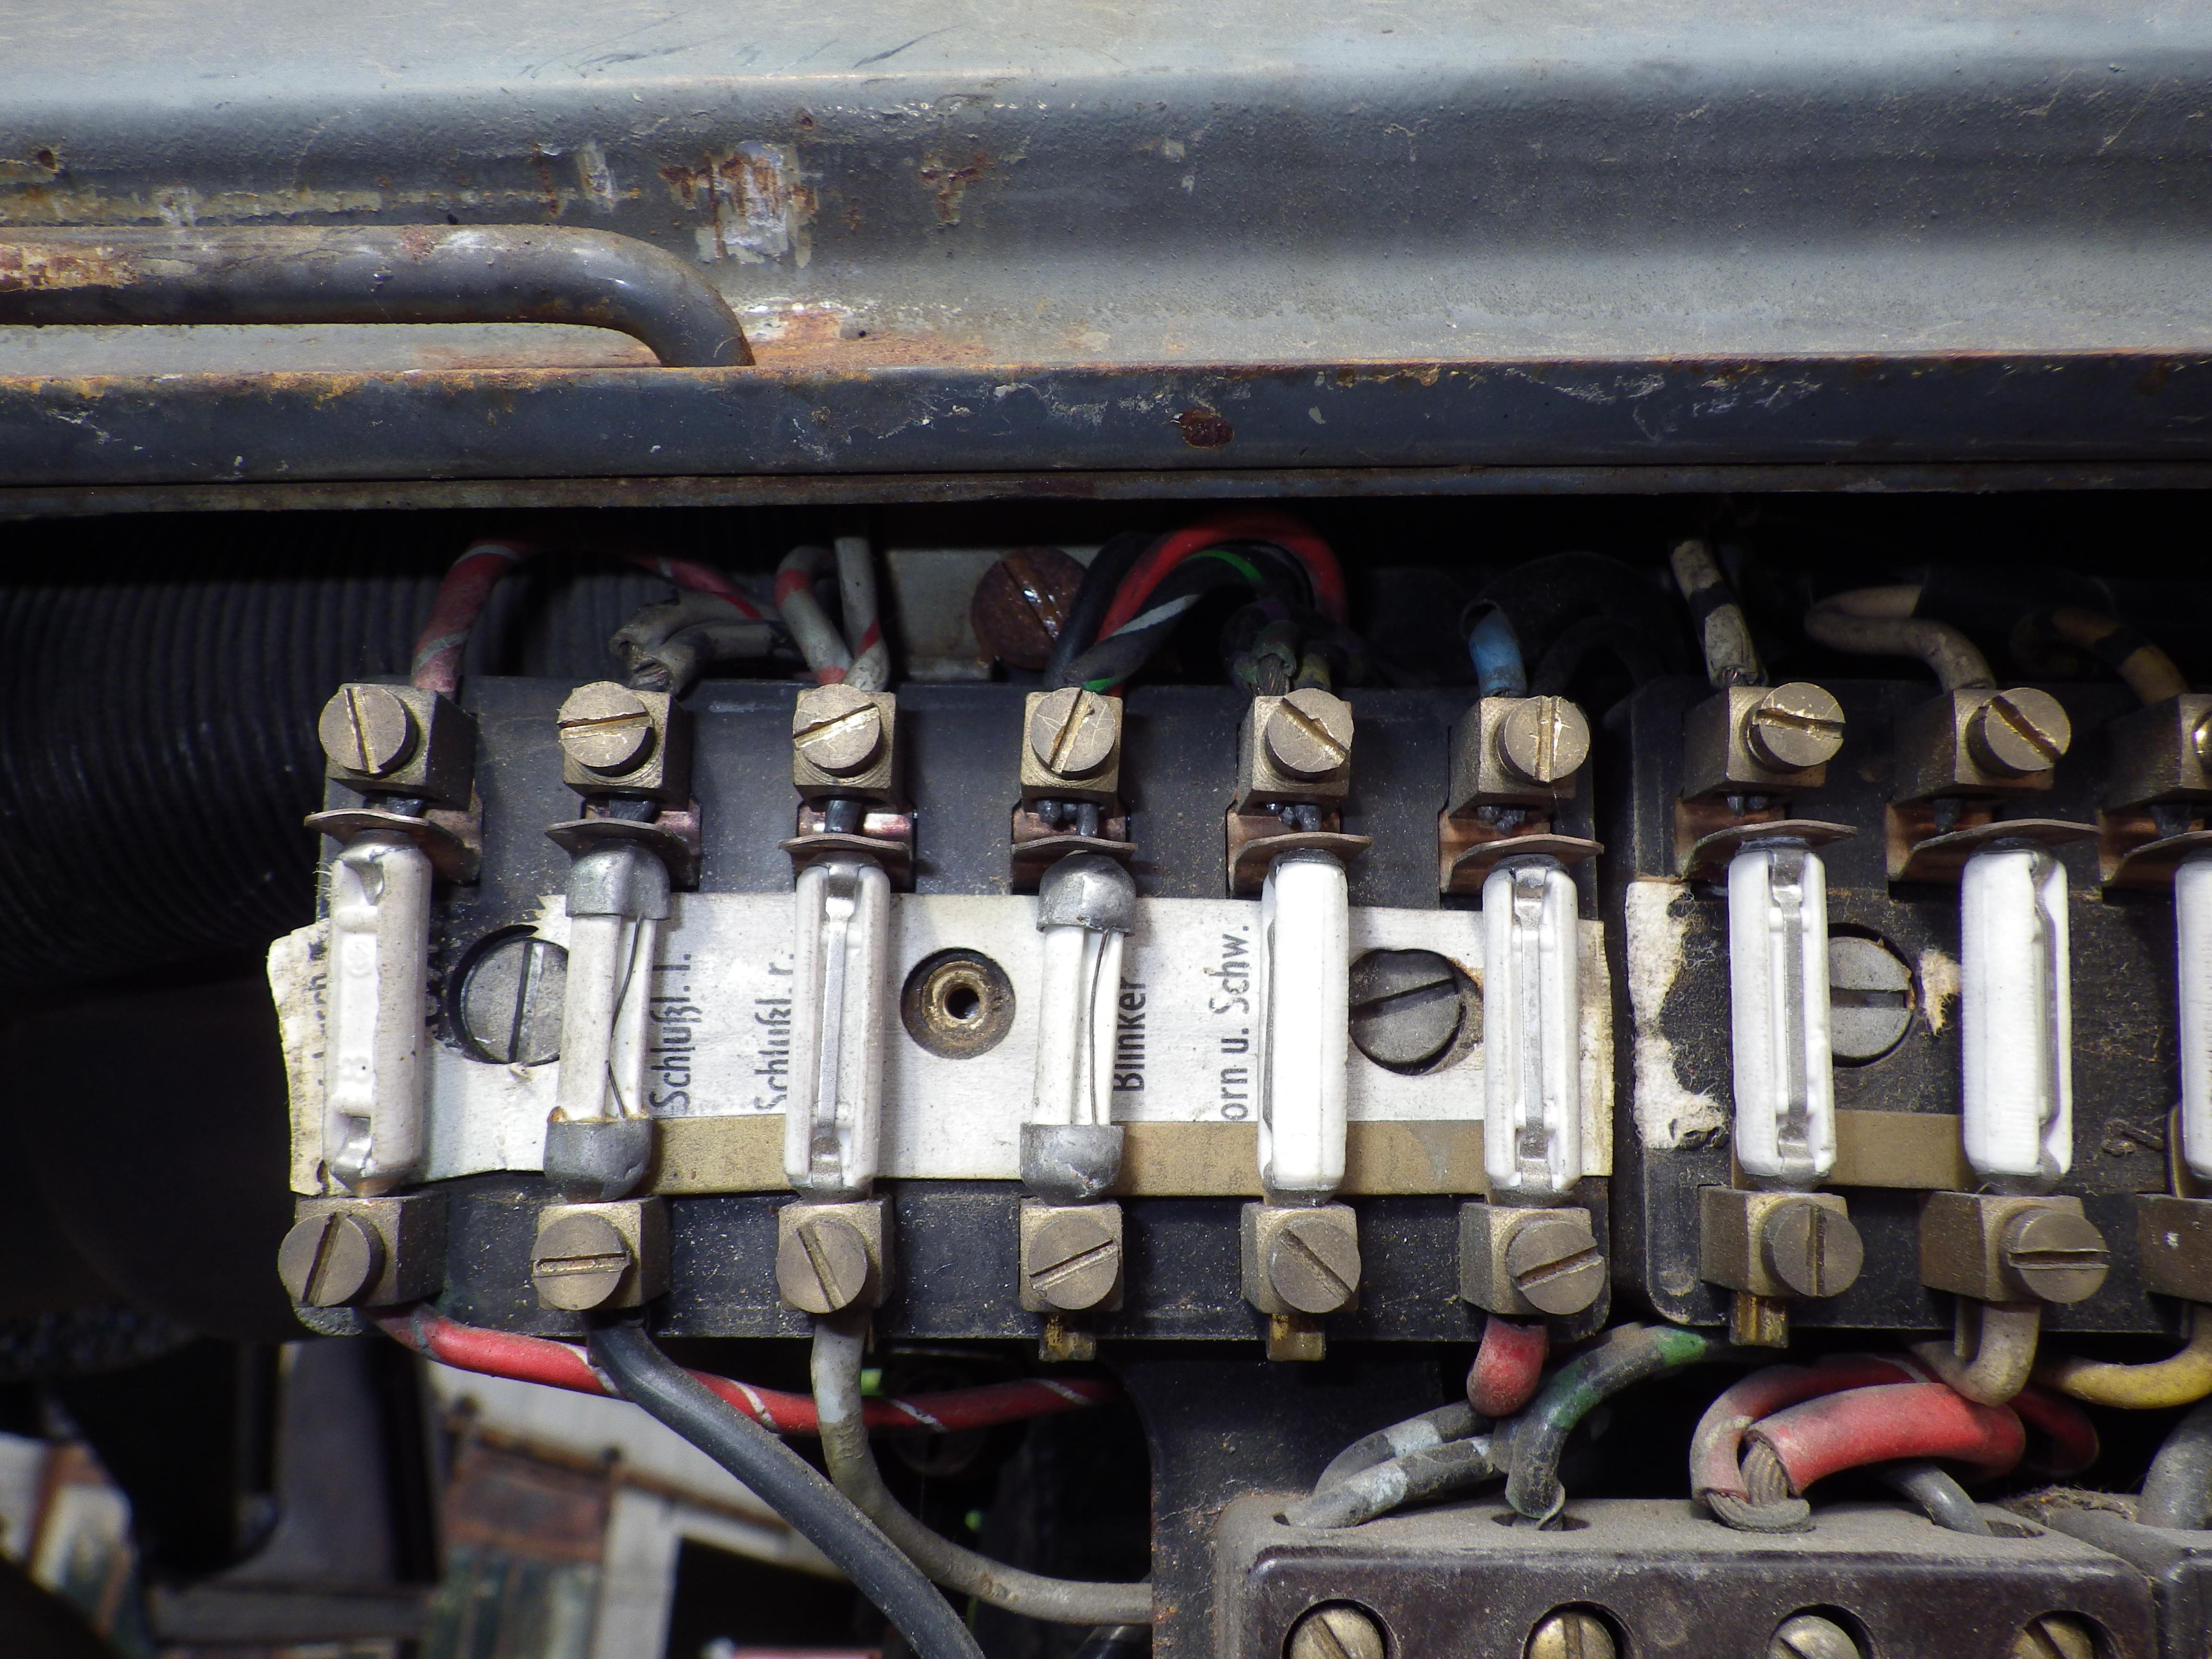 restauration du mog 406 de chenapan52 - Page 3 636170IMGP0234